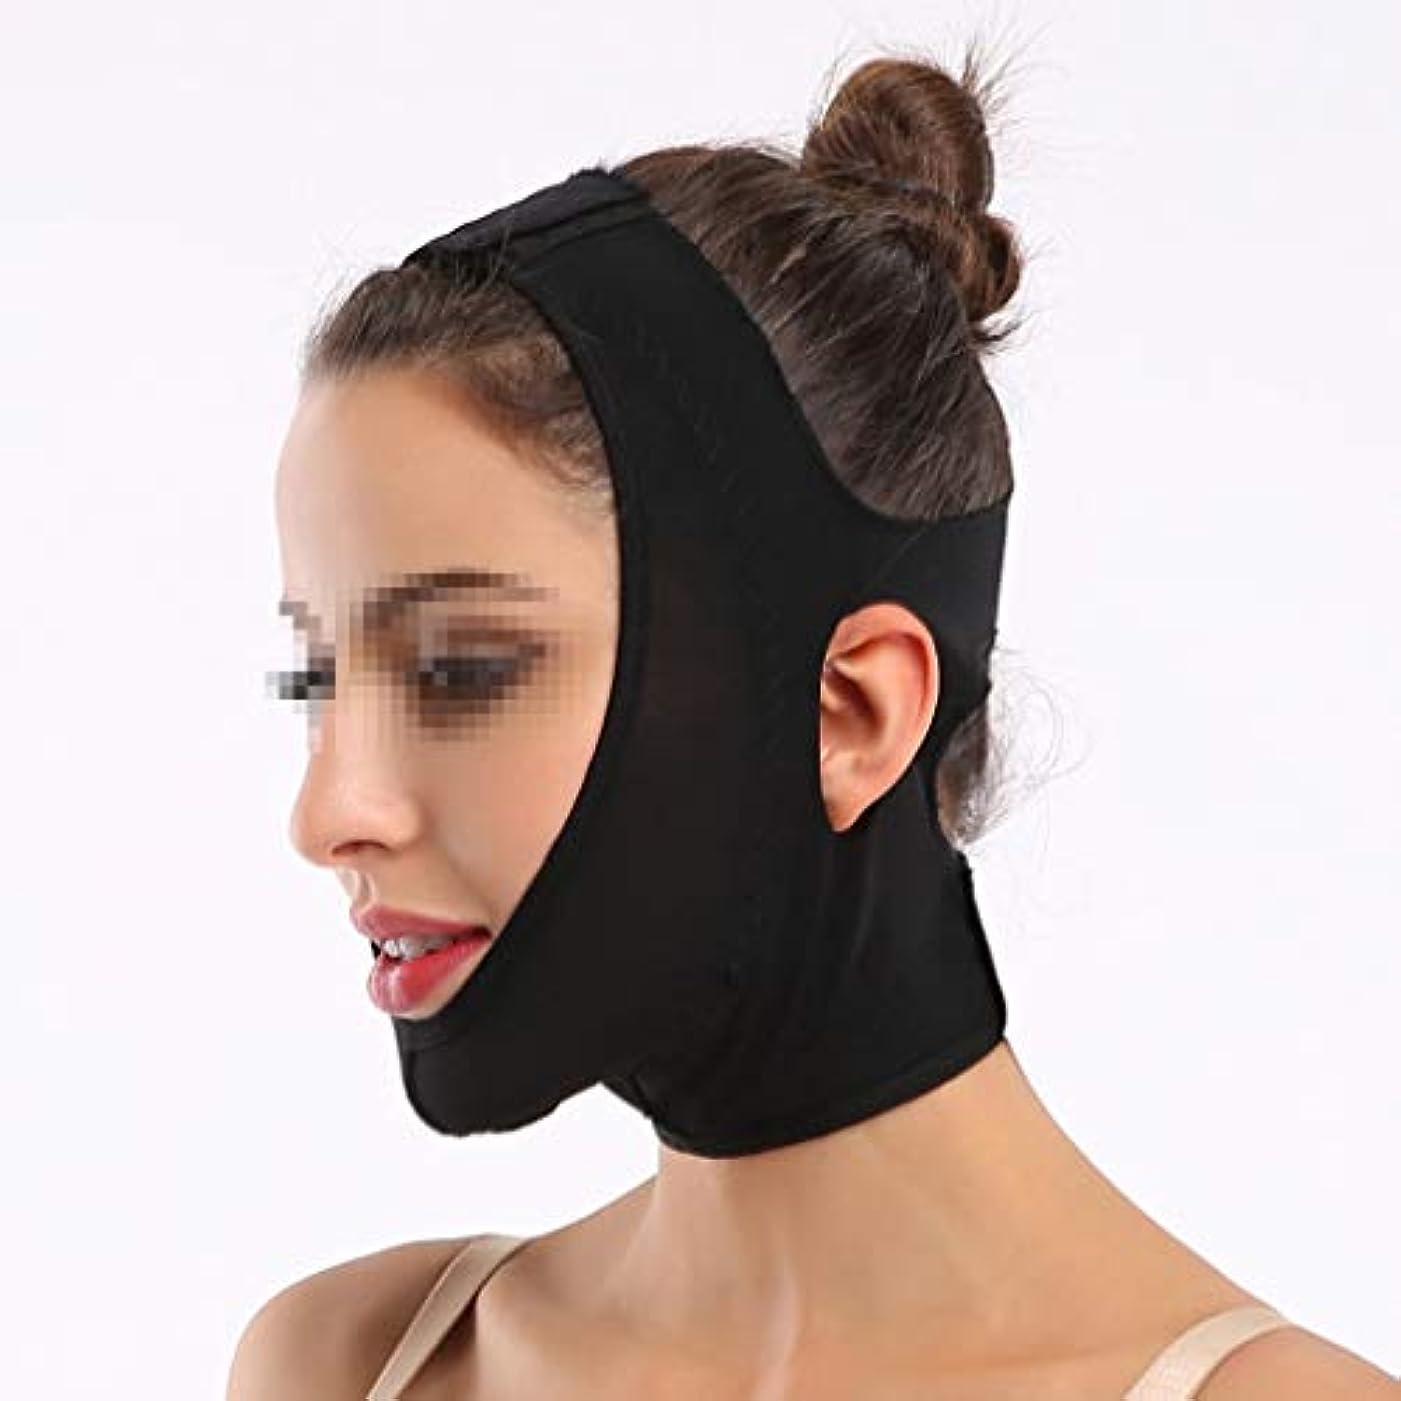 うぬぼれたいまヘッジVフェイスマスク、包帯マスクを持ち上げて引き締めるスキニービューティーサロン1日2時間Vフェイスマッサージ術後回復